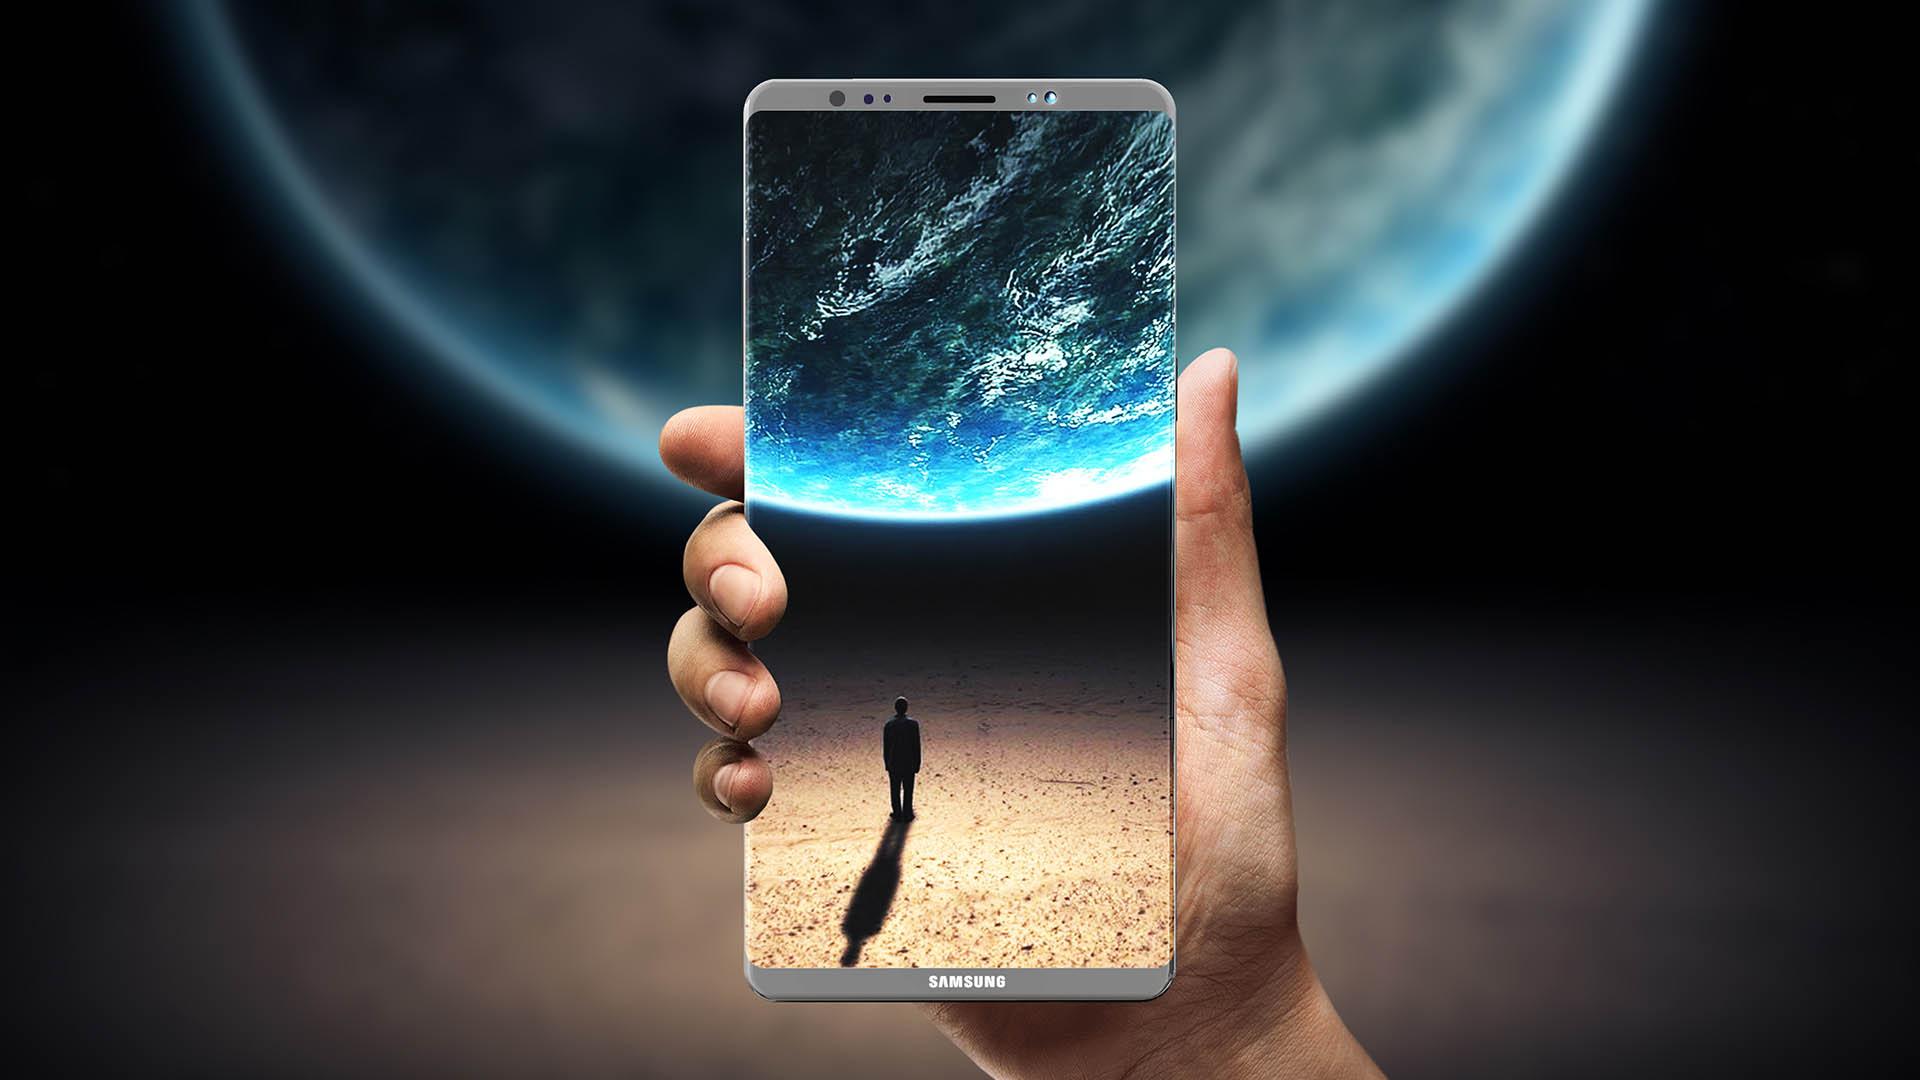 نمایشگر سامسونگ گلکسی نوت ۸ (Galaxy note 8) موسوم به infinity Display مشاهده شد؛ زیبا به نظر میرسد!